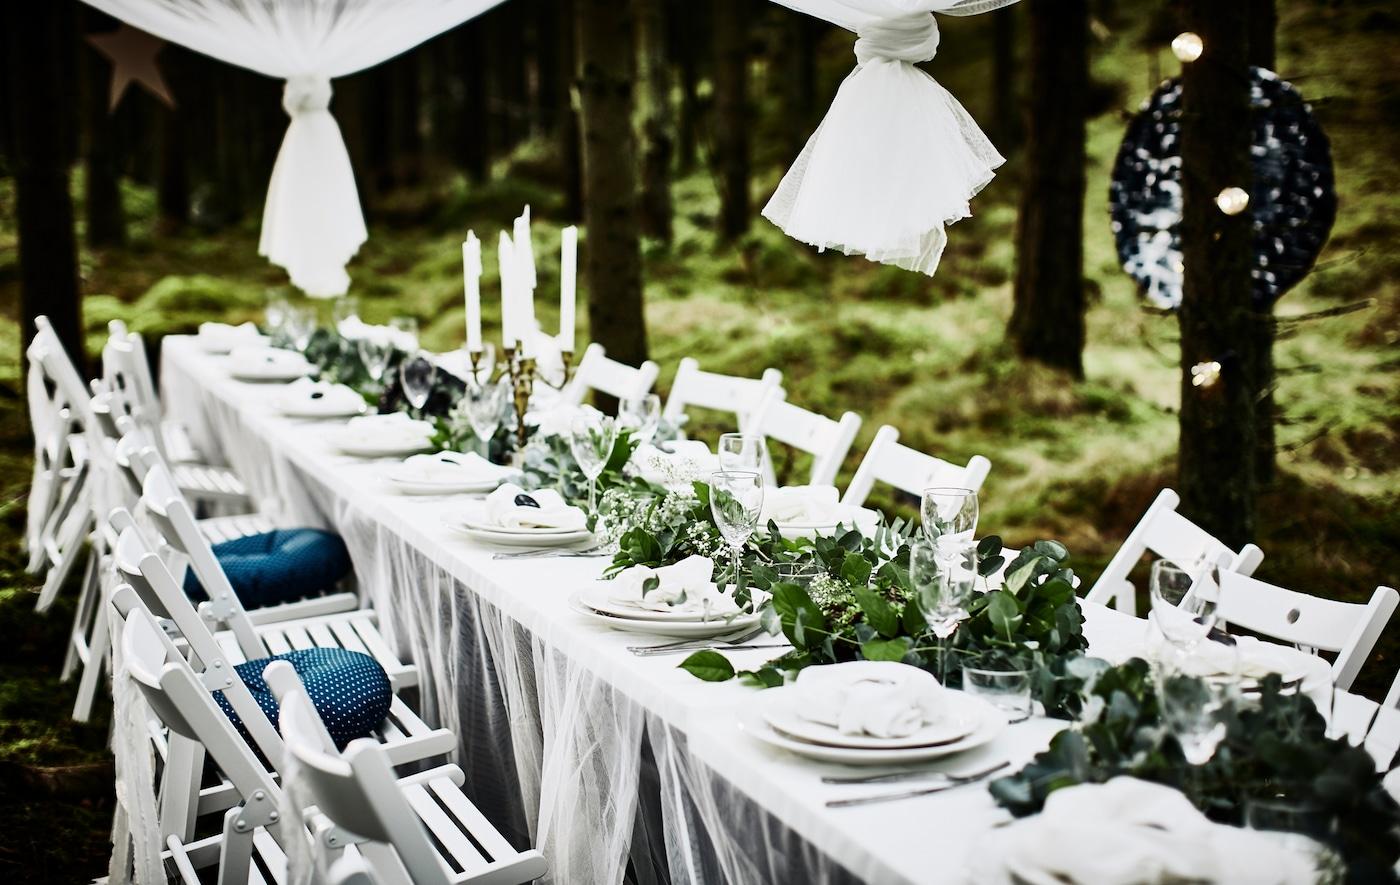 Verzorg helemaal zelf een onvergetelijke bruiloft: tafeldecoratie